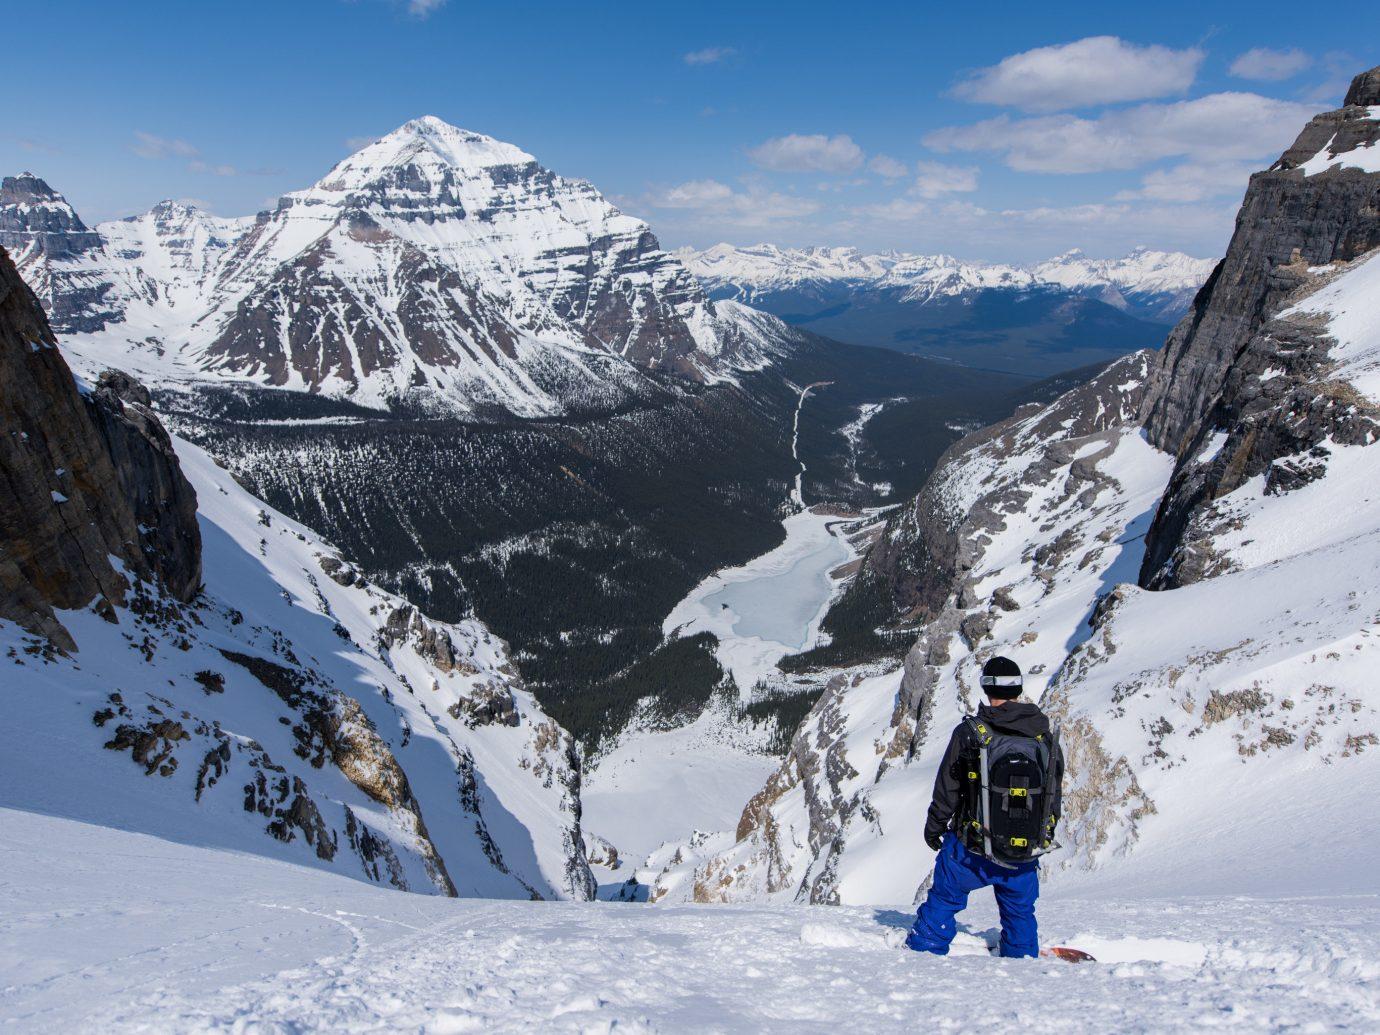 Man overlooking Mt. Norquay